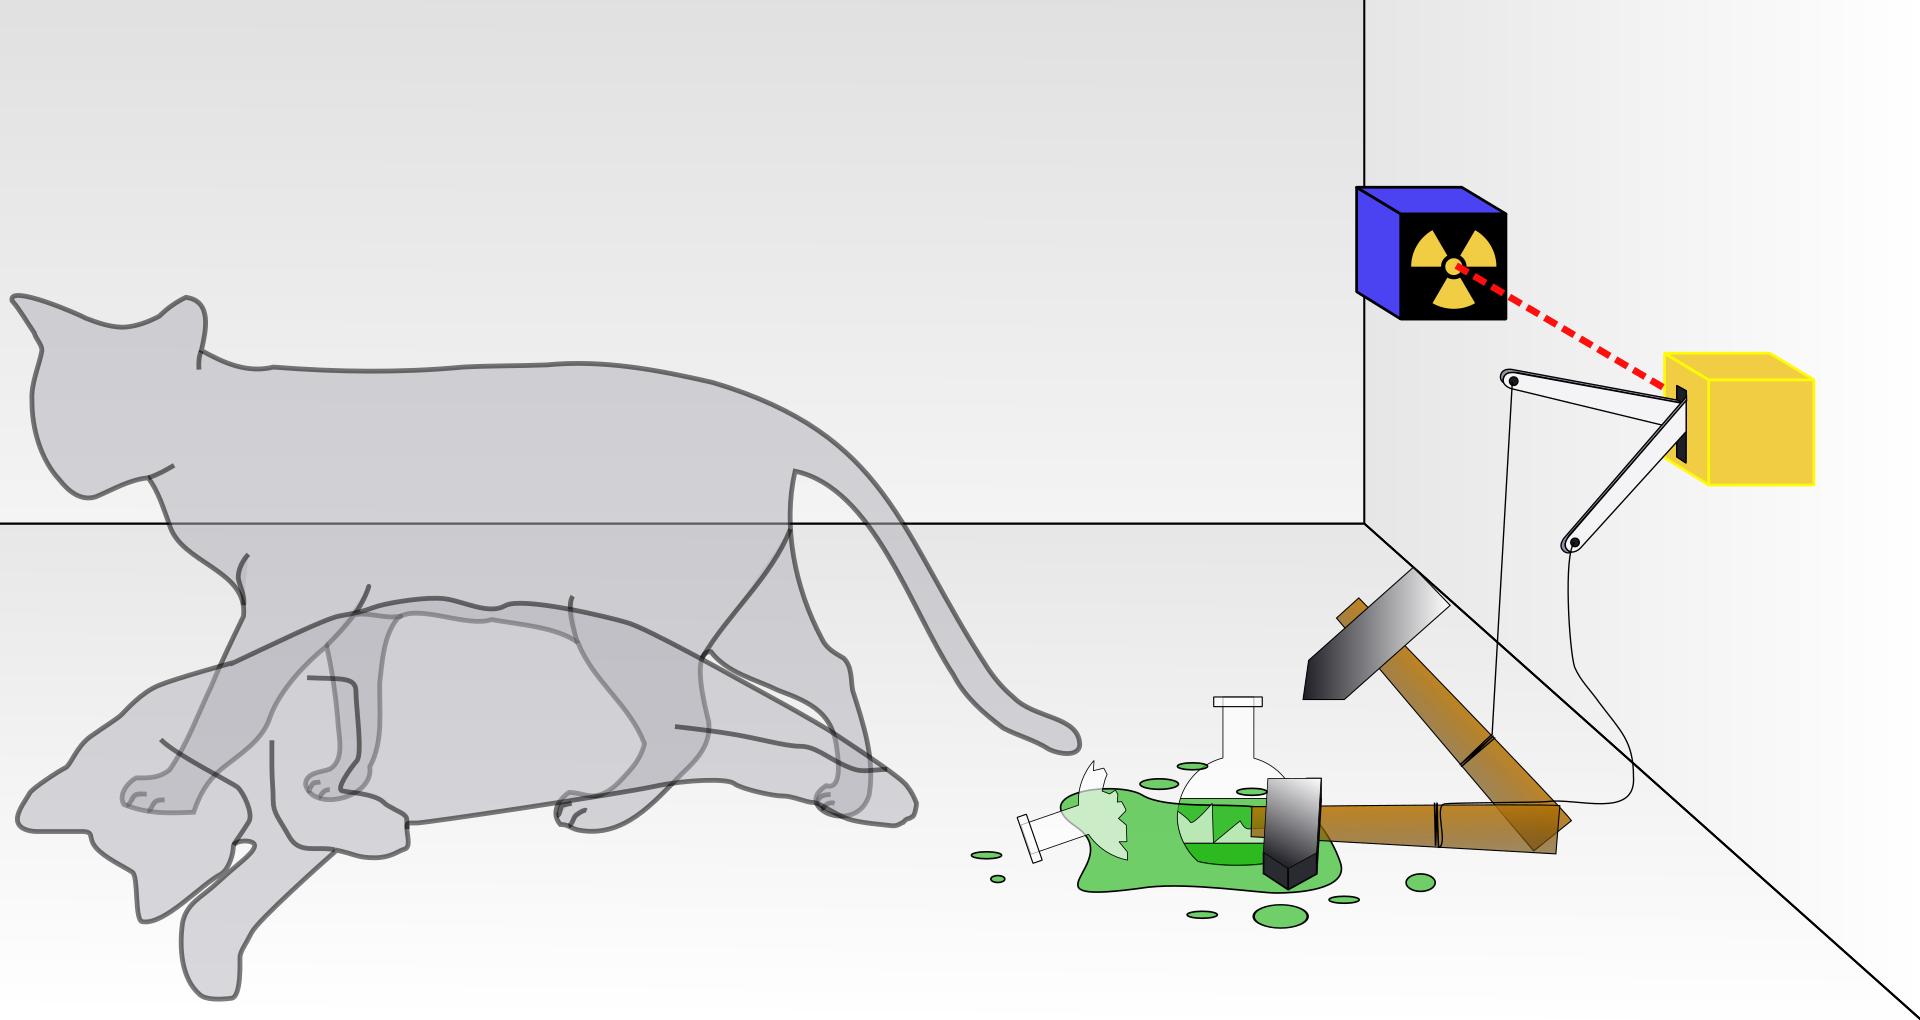 Ilustración del gato de Schrödinger. Dhatfield.